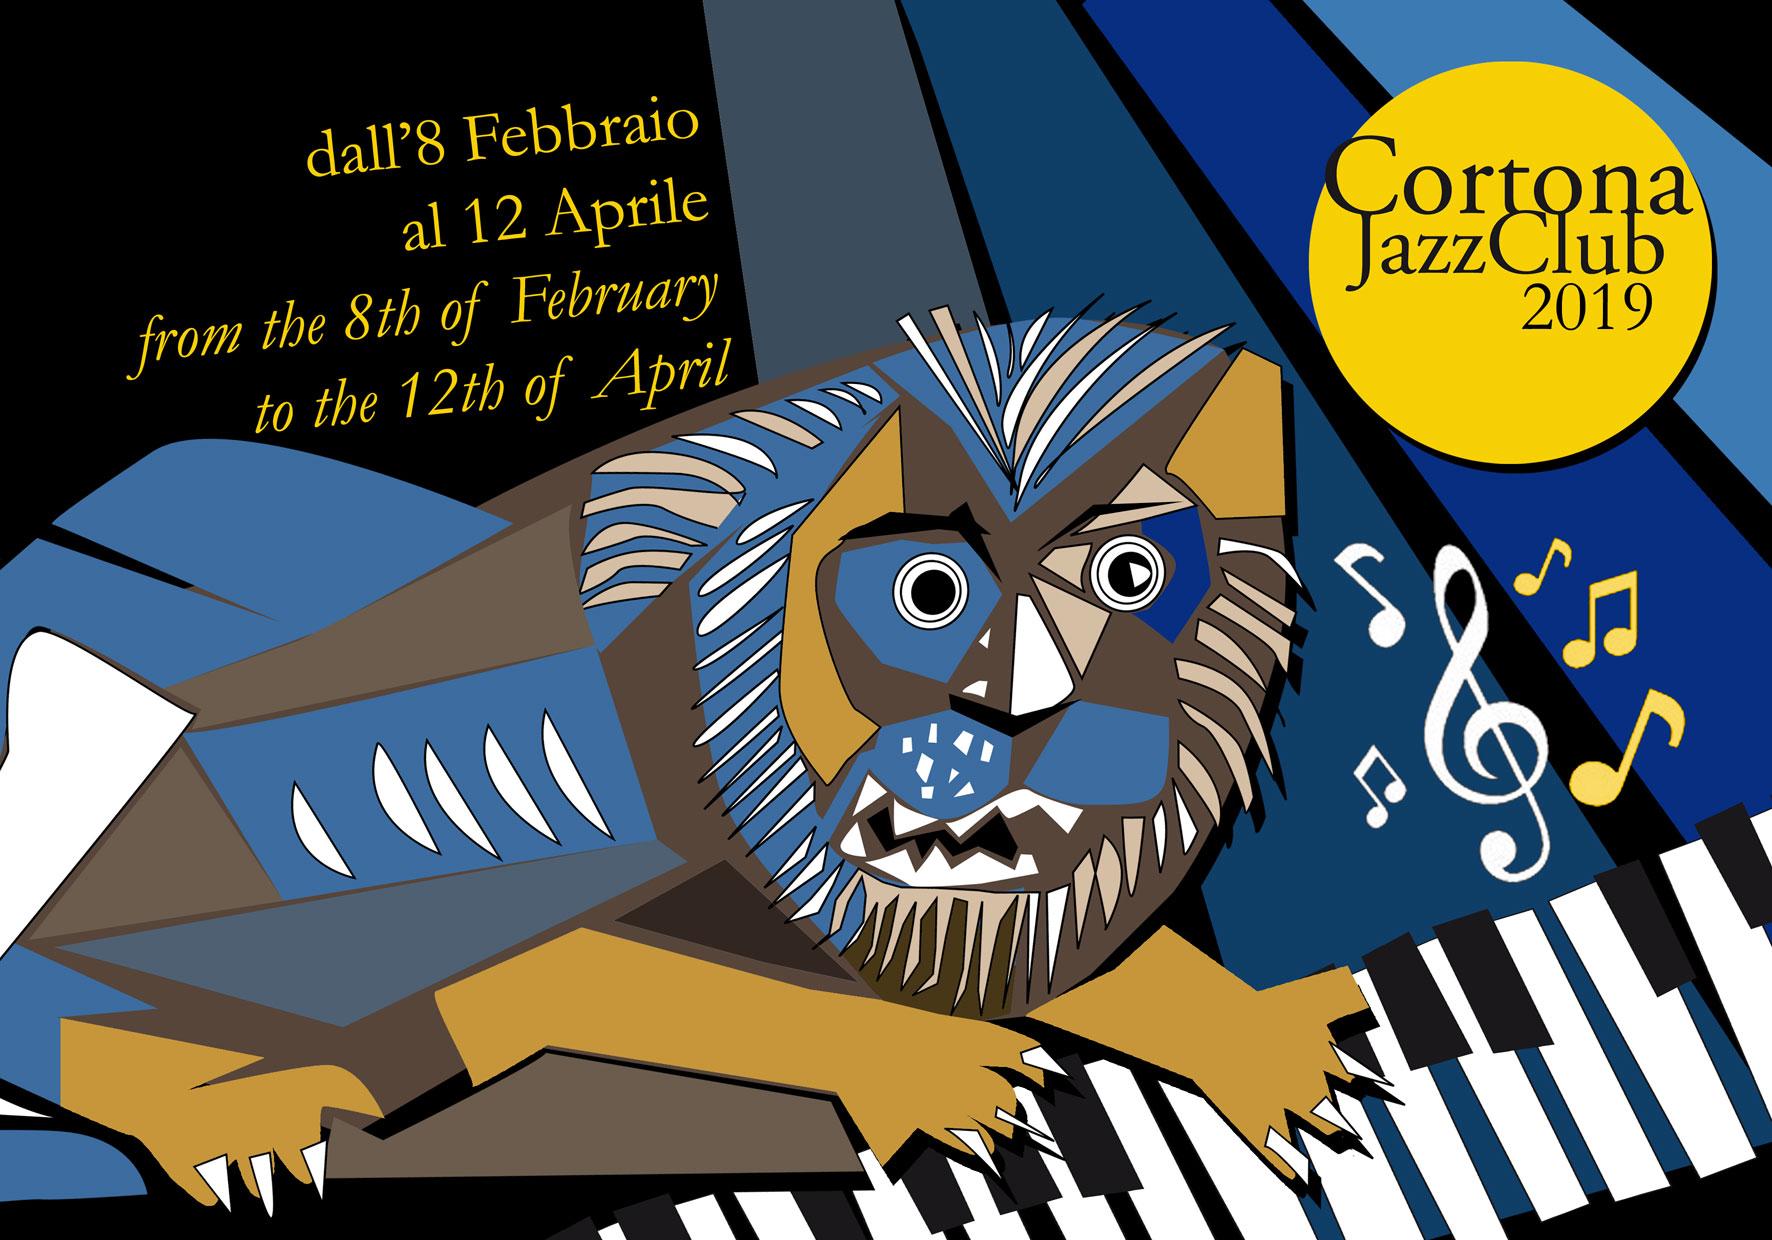 Cortona Jazz Club, al via la seconda edizione